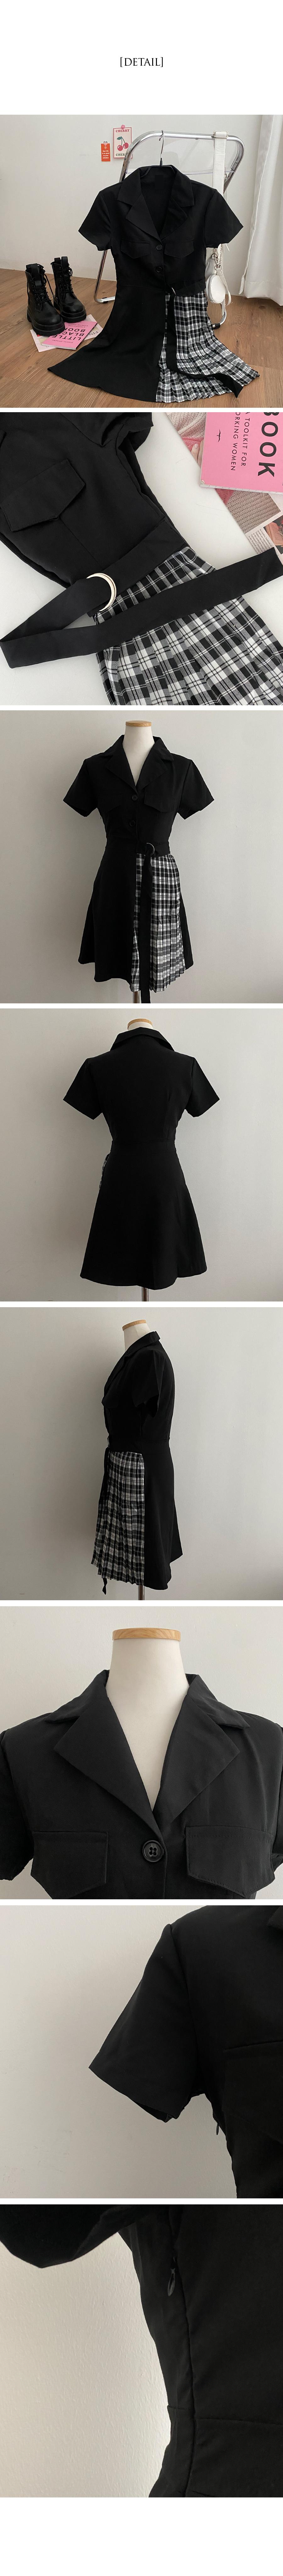 Derella Half Check Belt Dress